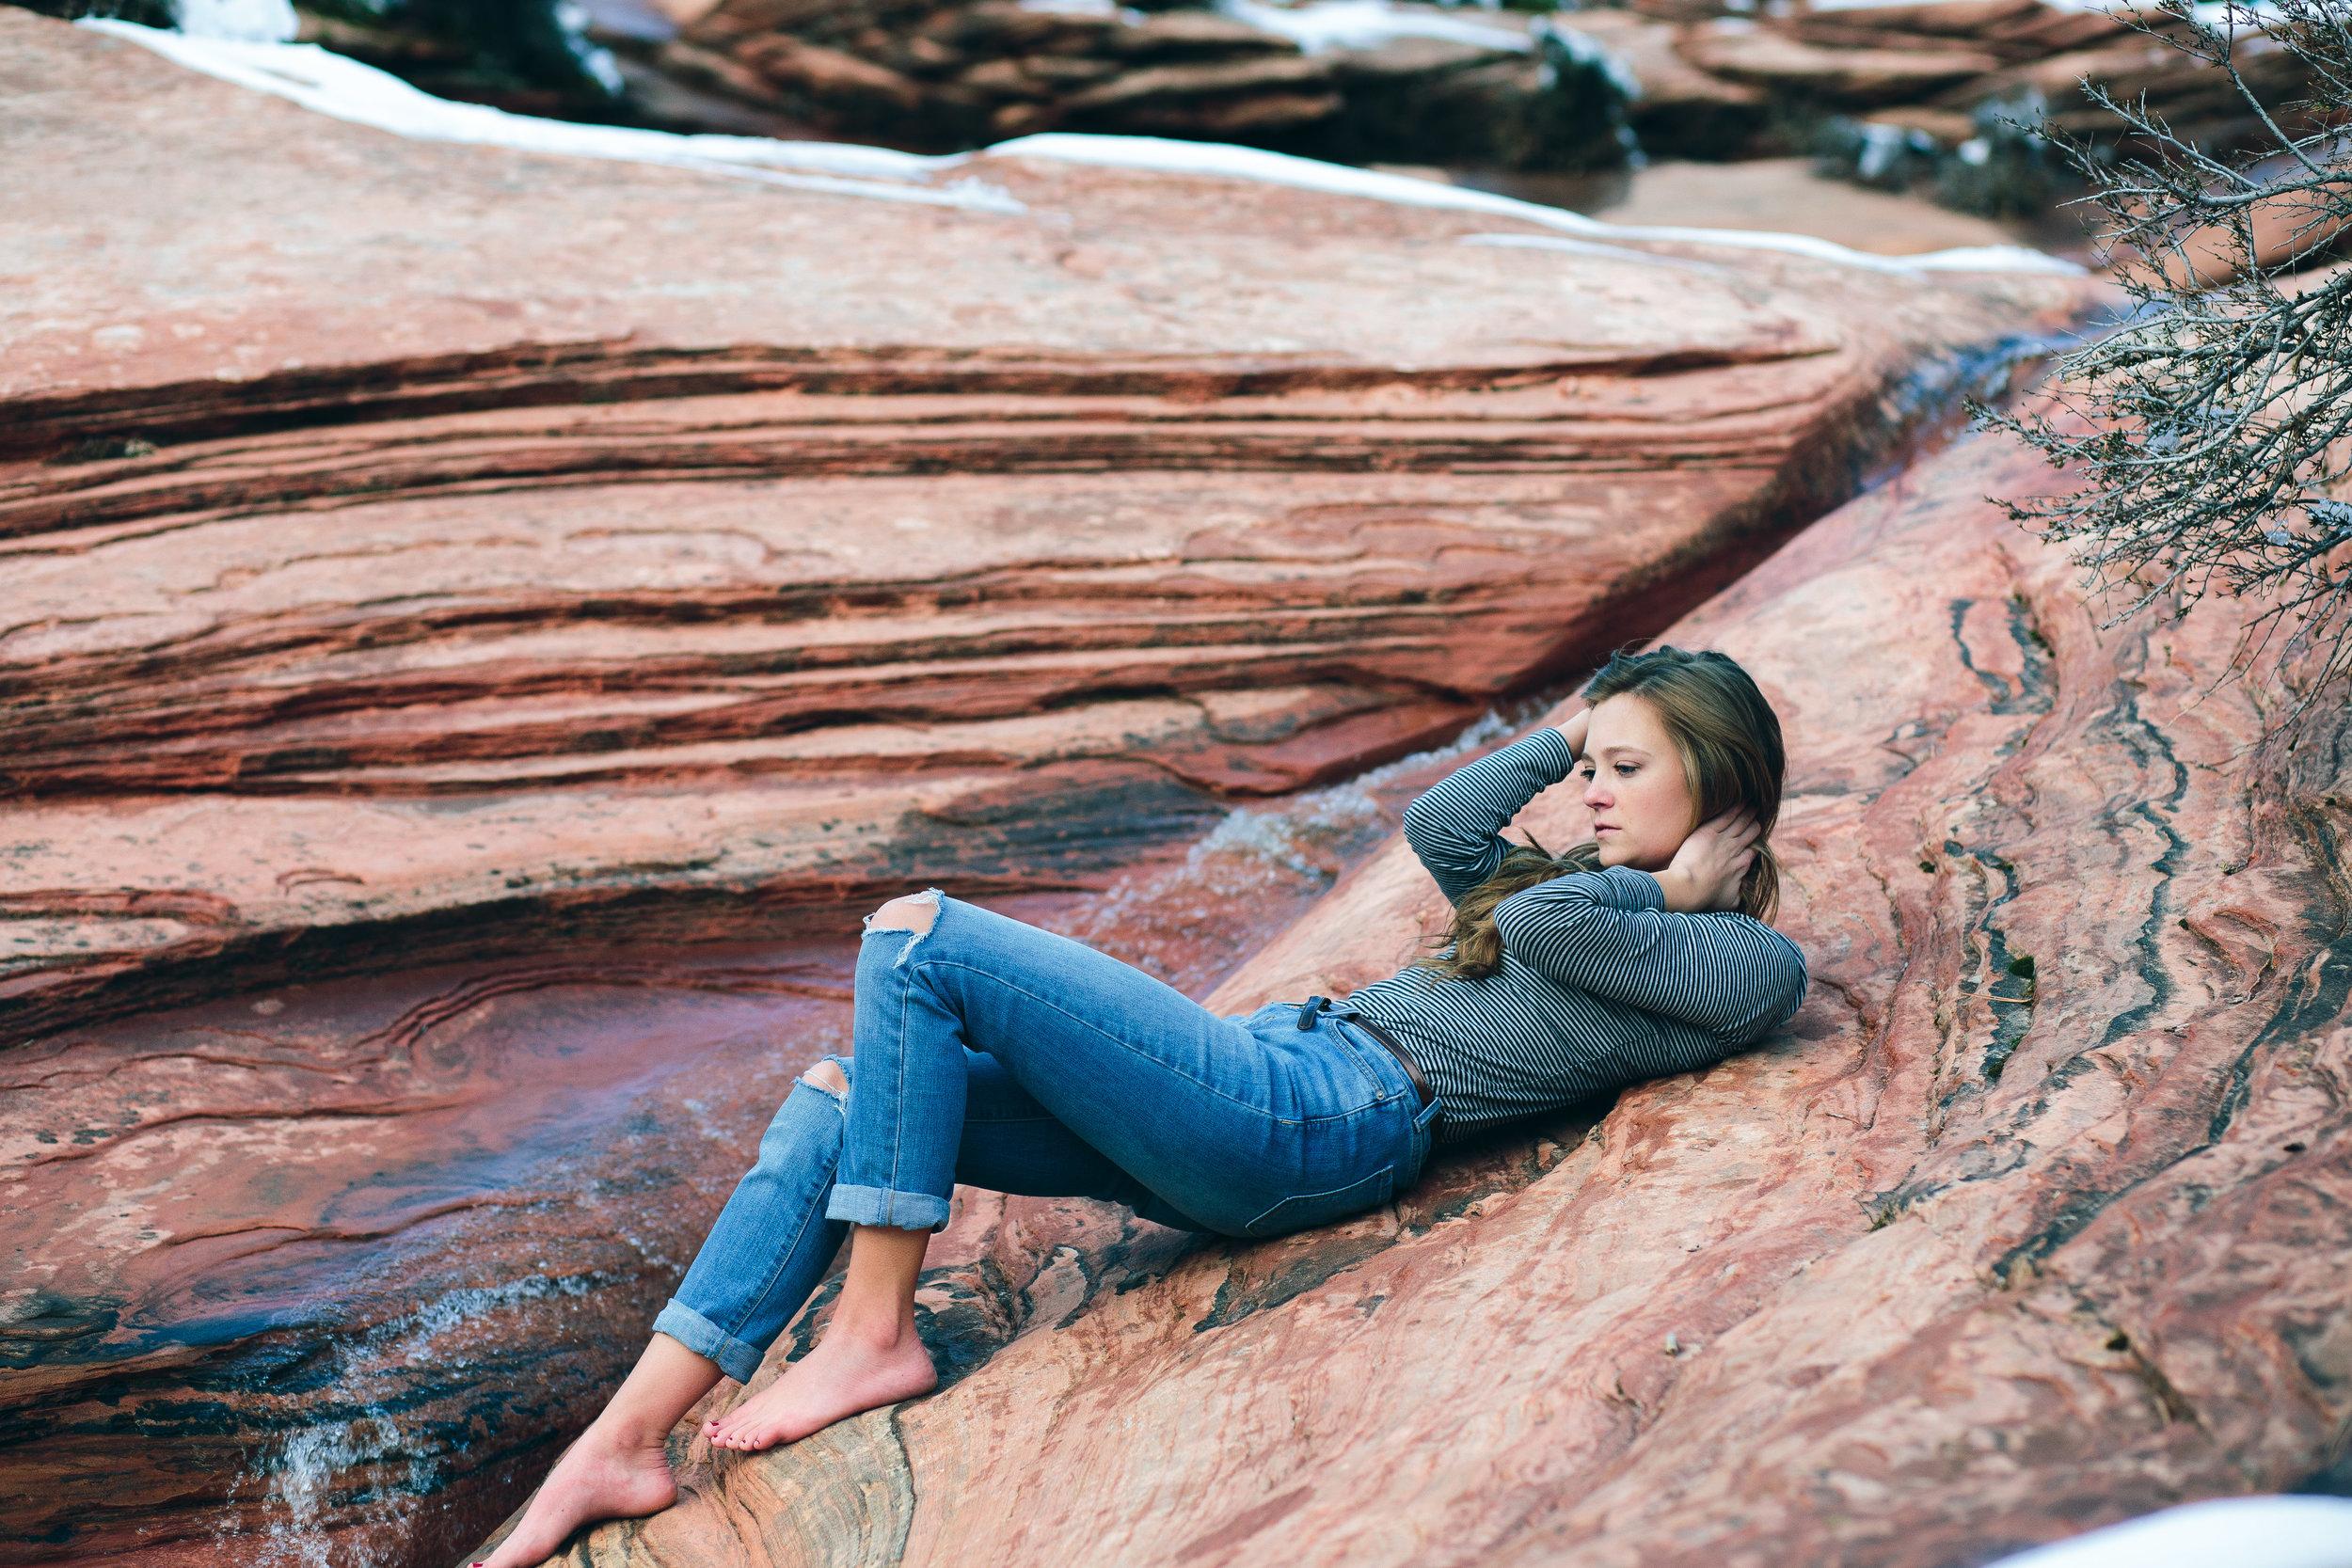 Zion National Park commercial photographer